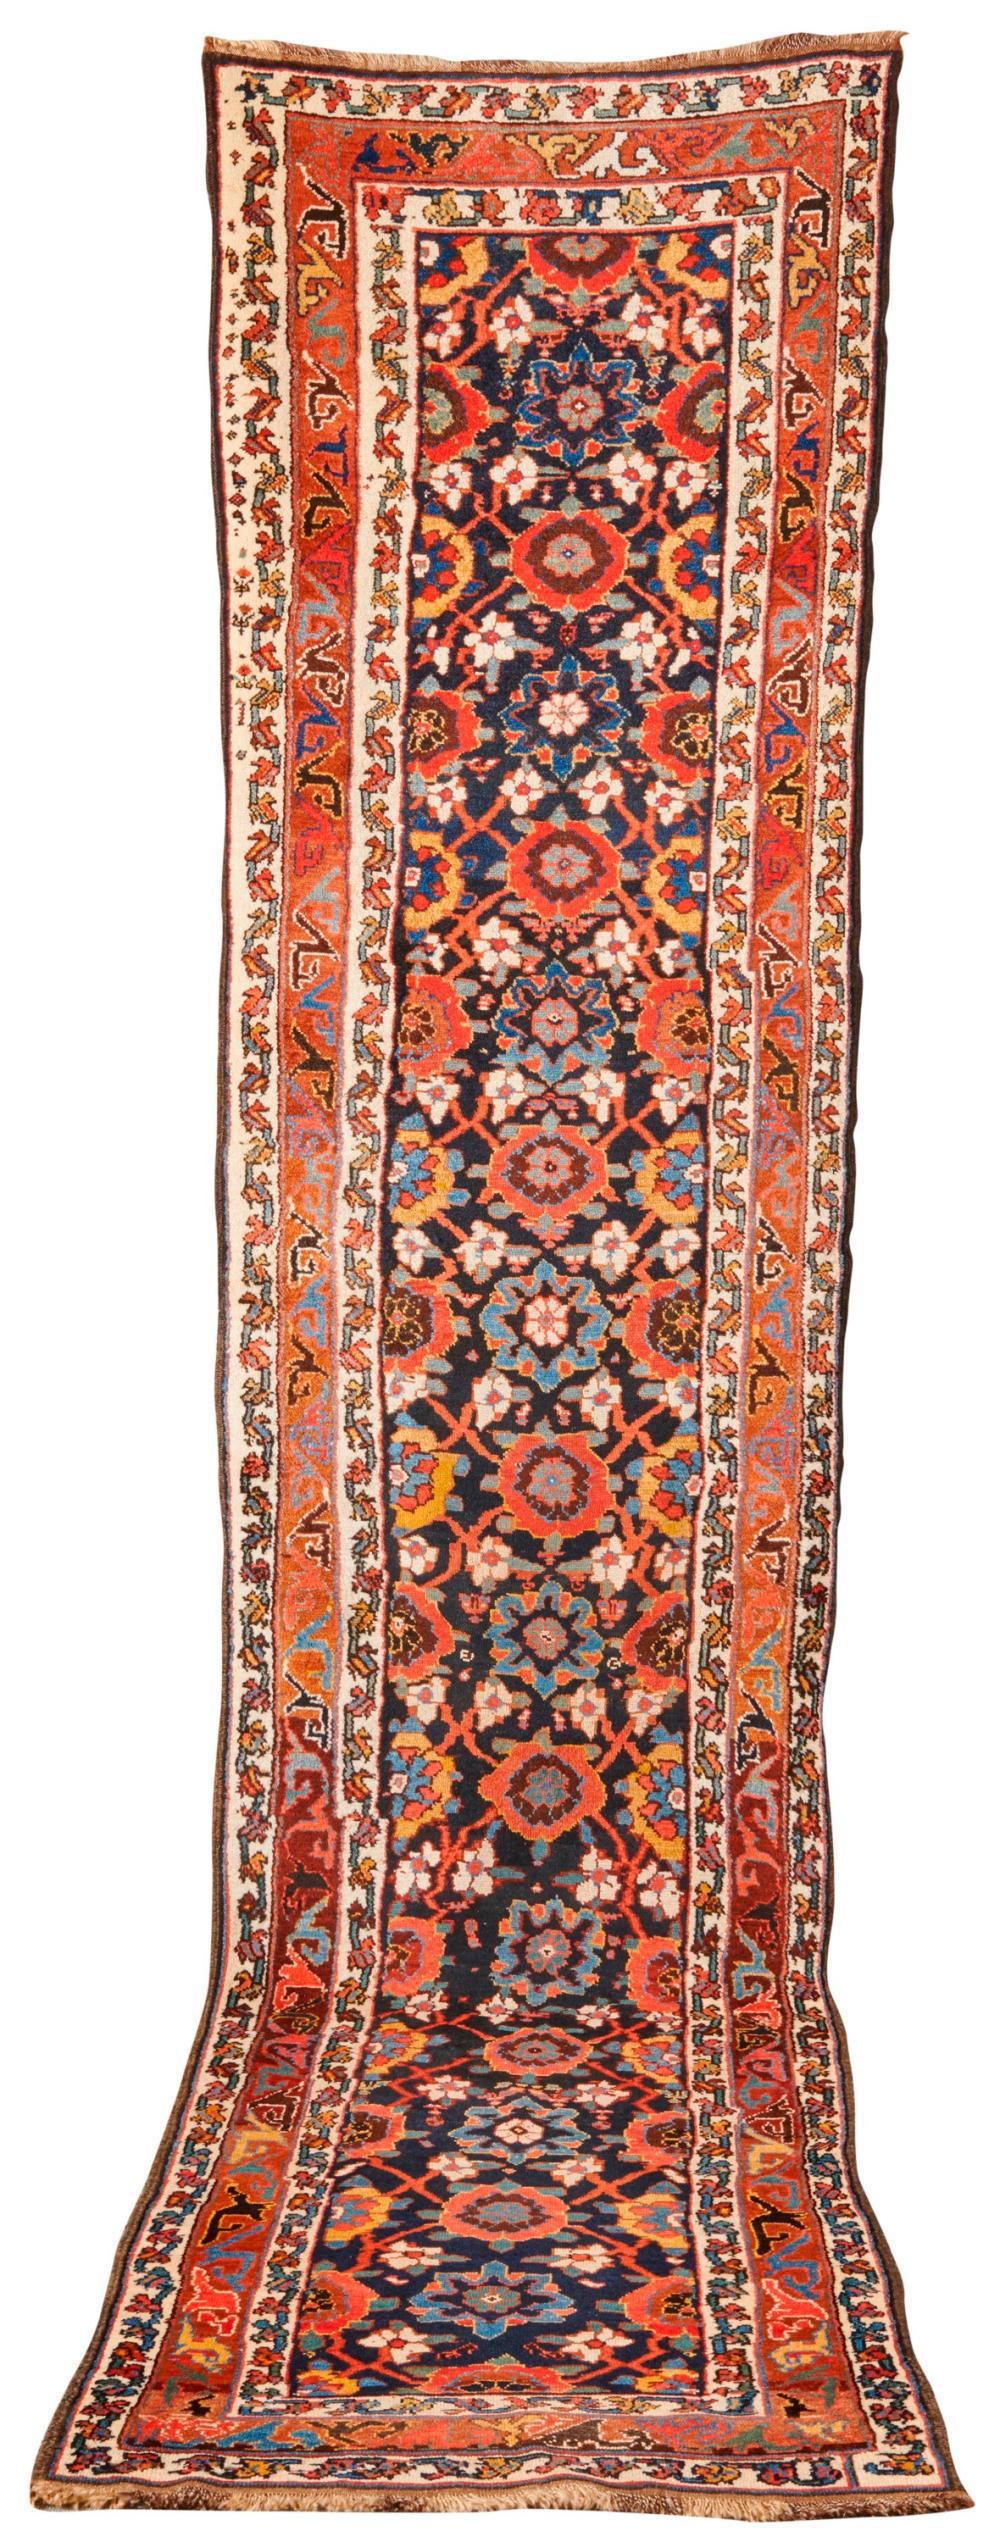 Luri-Veramin Runner, Persia, ca. 1870; 11 ft. 6 in. x 2 ft. 9 in.